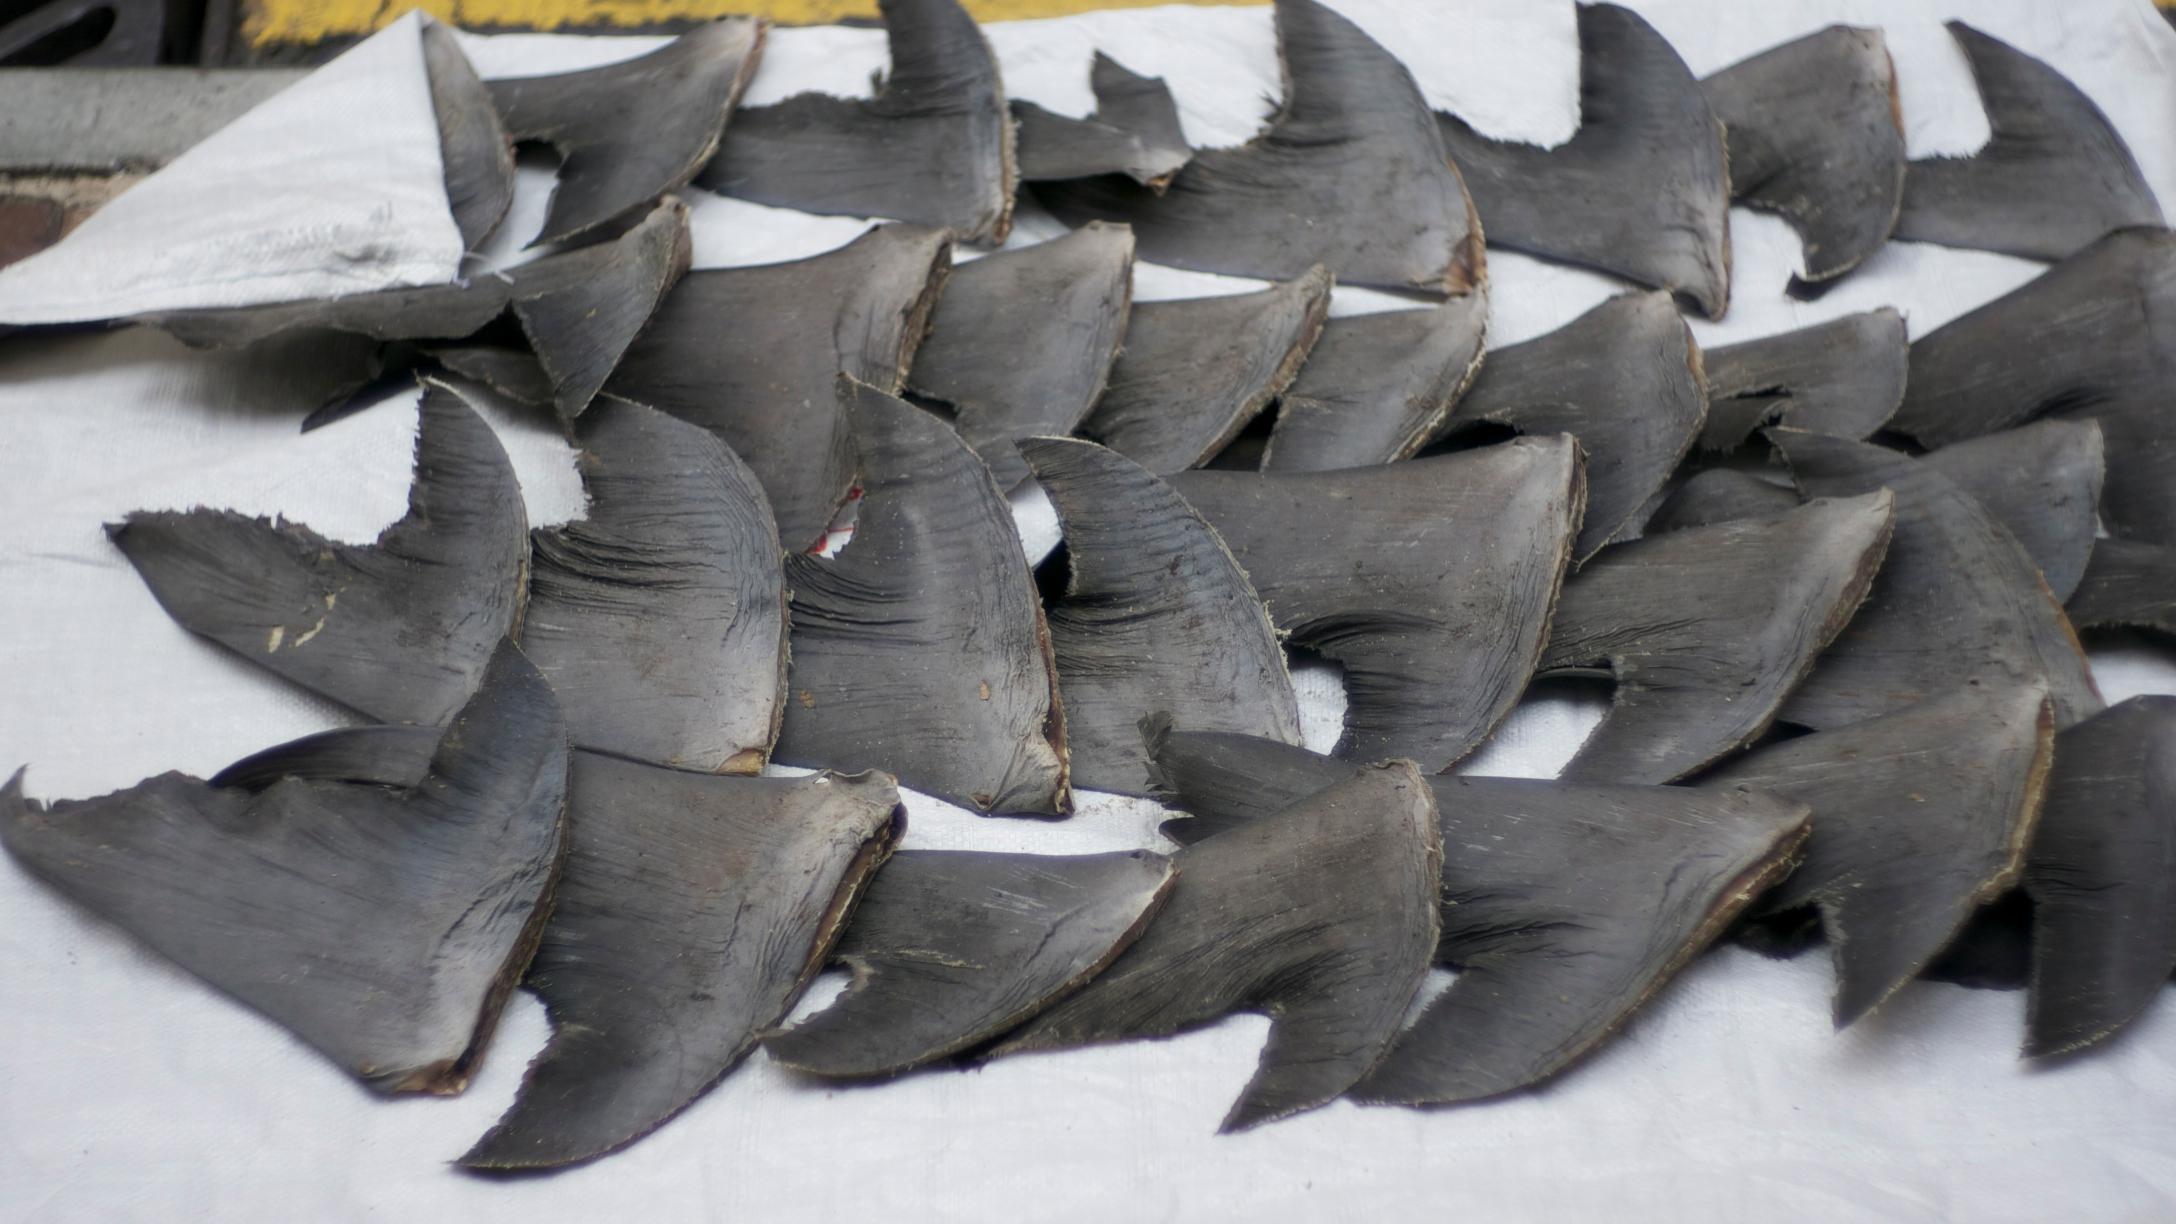 Žraločí ploutve, zdroj: Wikipedia